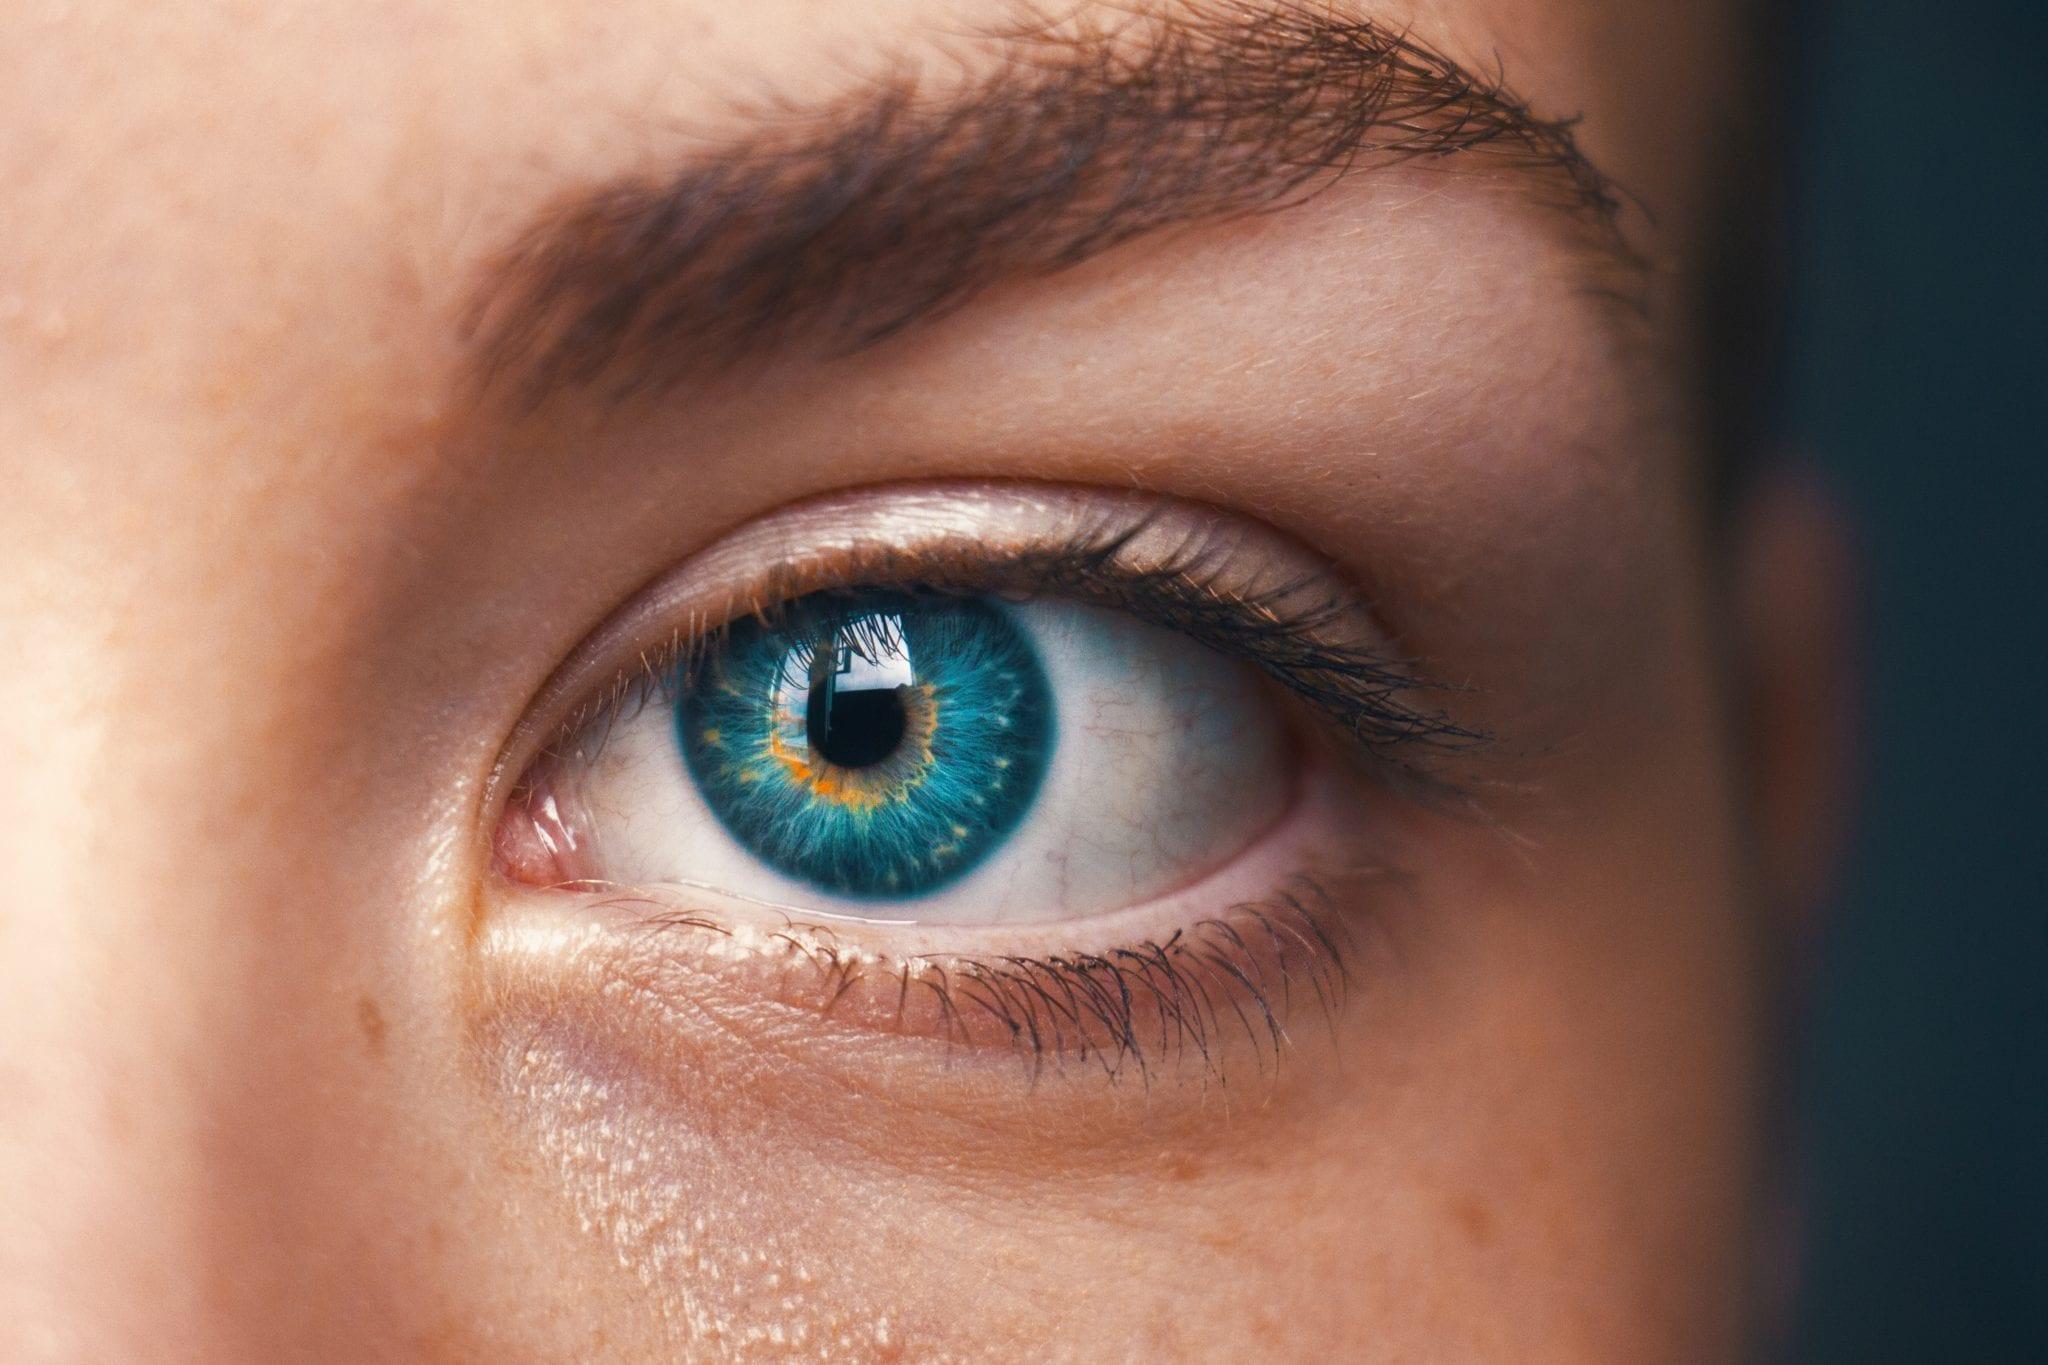 ริ้วรอยใต้ตา วิธีทำให้หน้าเด็ก ถุงใต้ตา ริ้วรอยบนใบหน้า รอยย่นใต้ตา ริ้วรอยรอบดวงตา รอยใต้ตา วิธีลดริ้วรอยใต้ตา ลดริ้วรอยใต้ตา วิธีแก้รอยย่นใต้ตา